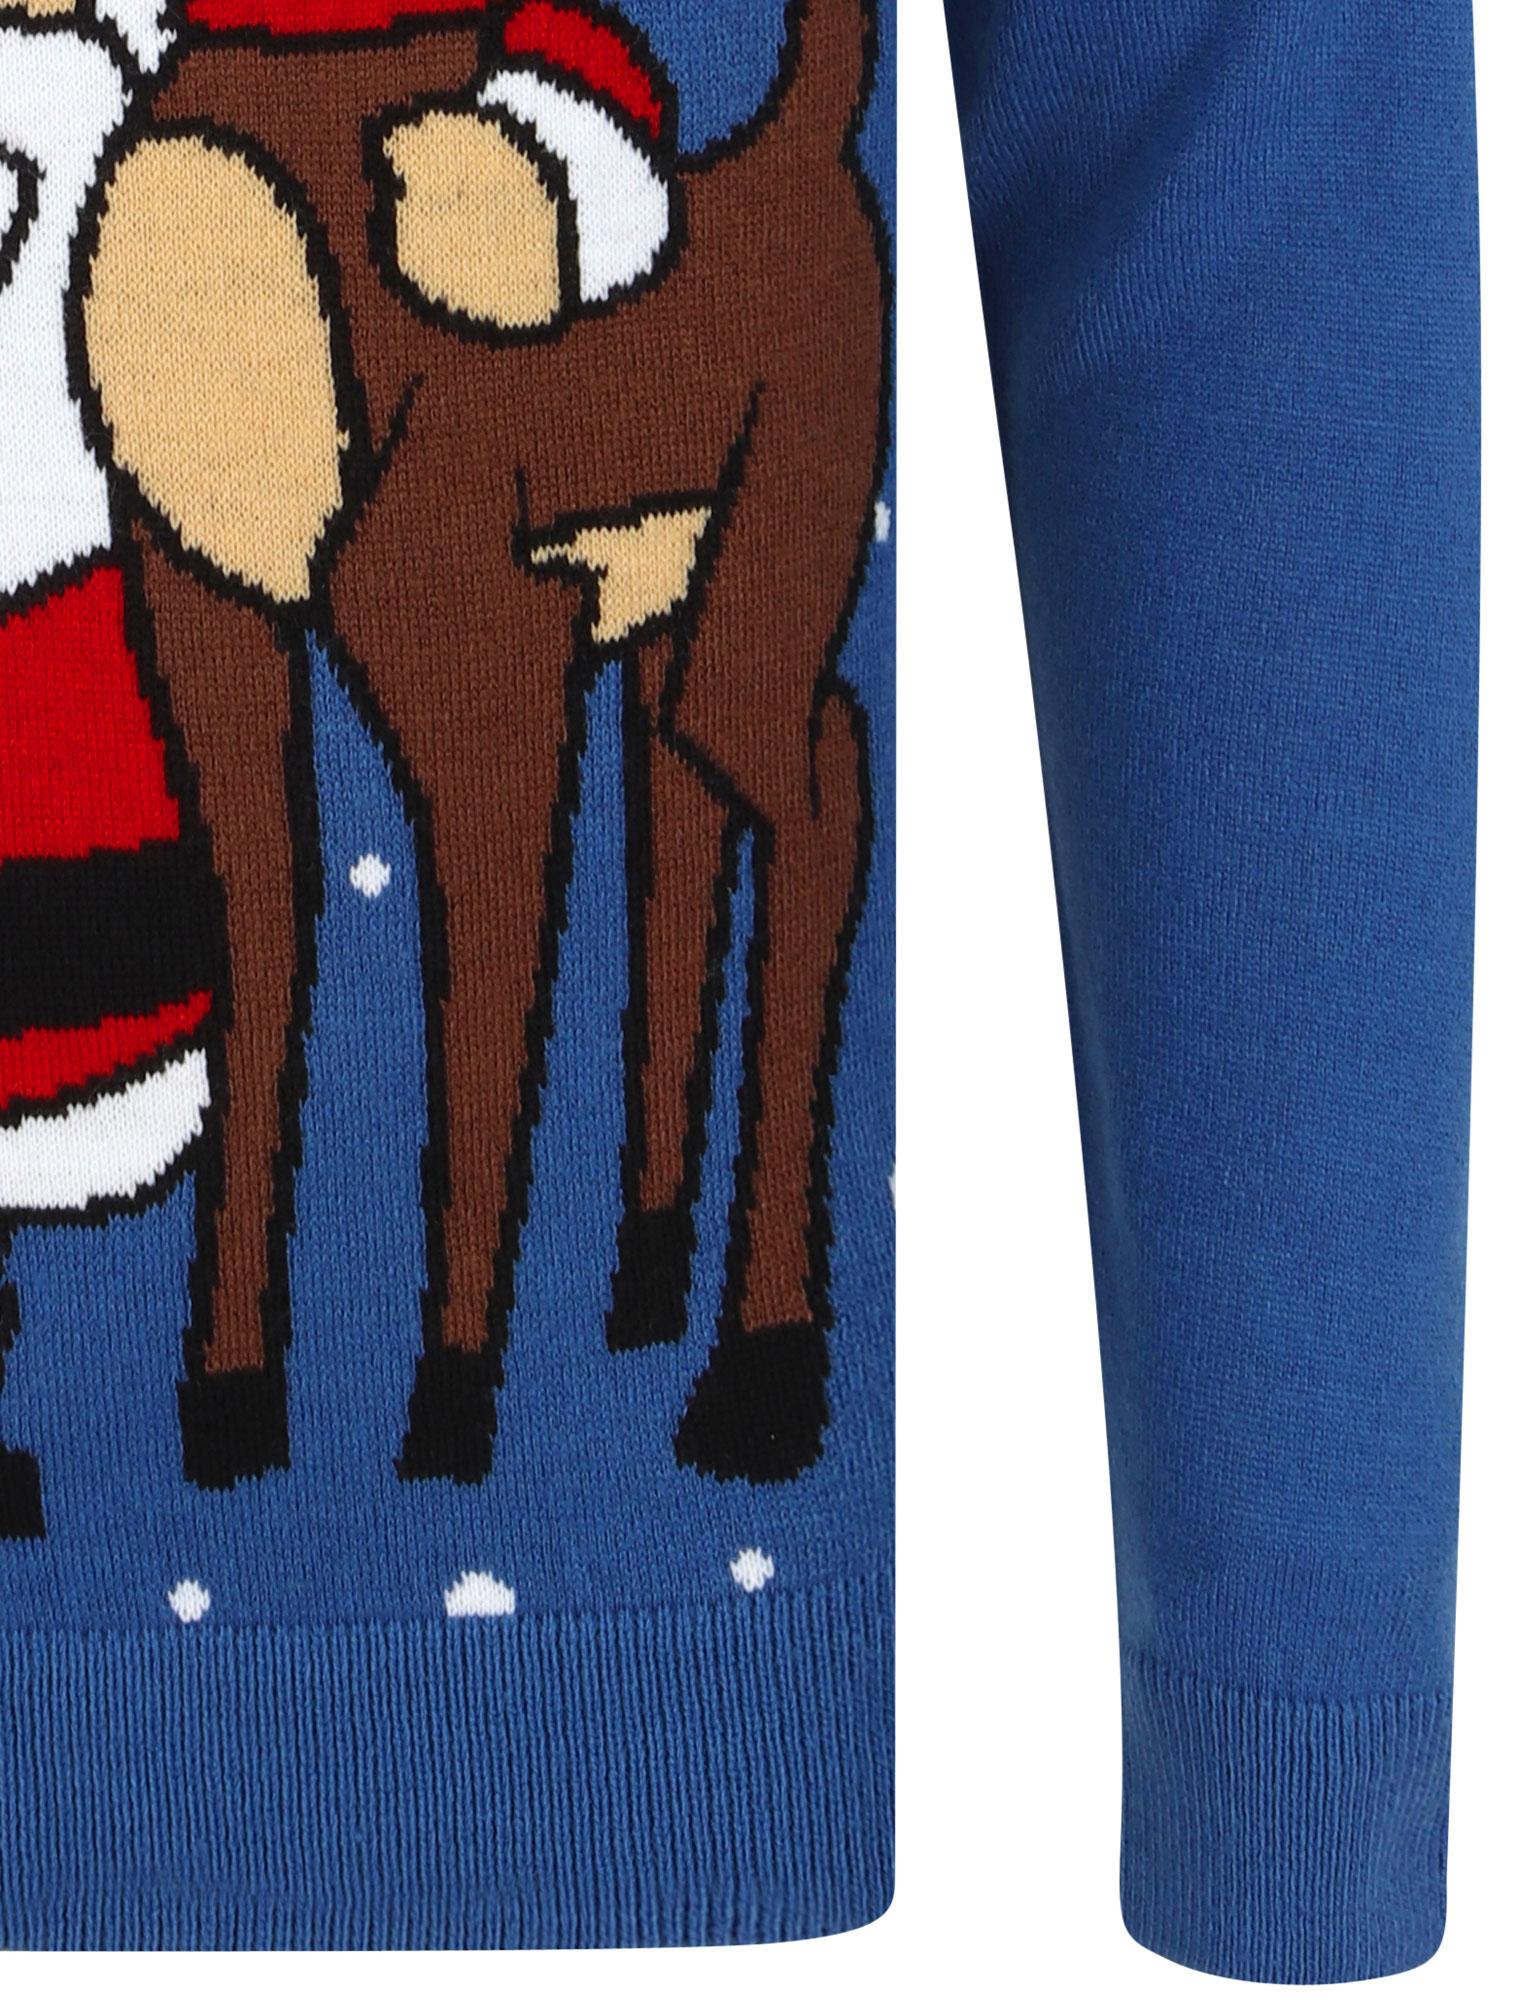 Feliz-Navidad-Para-Hombre-Novedad-Navidad-Sueter-Santa-Elfo-Reno-divertido-Cerveza miniatura 115